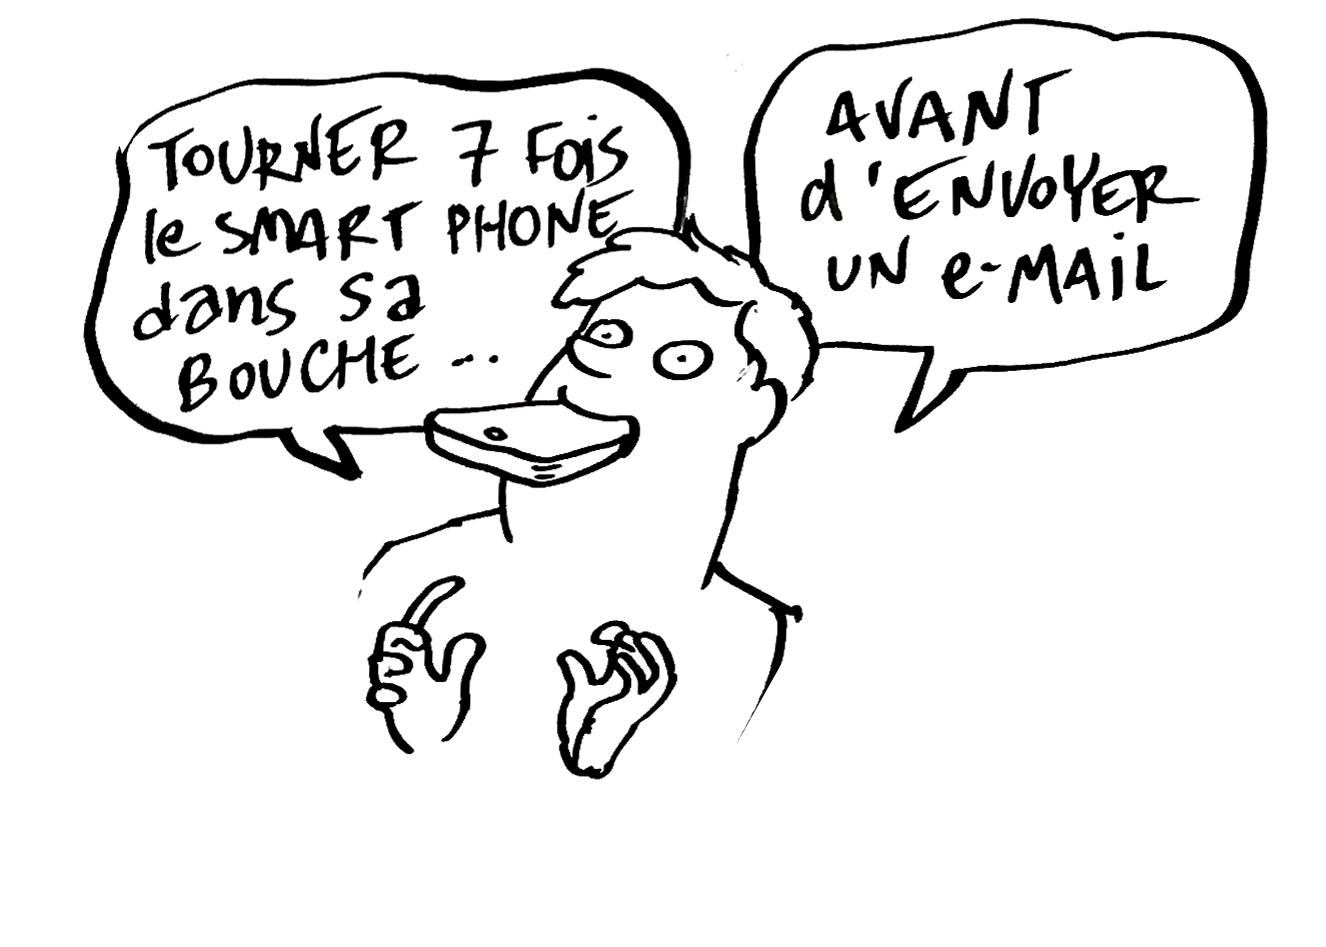 Tourner 7 fois le smartphone dans sa bouche